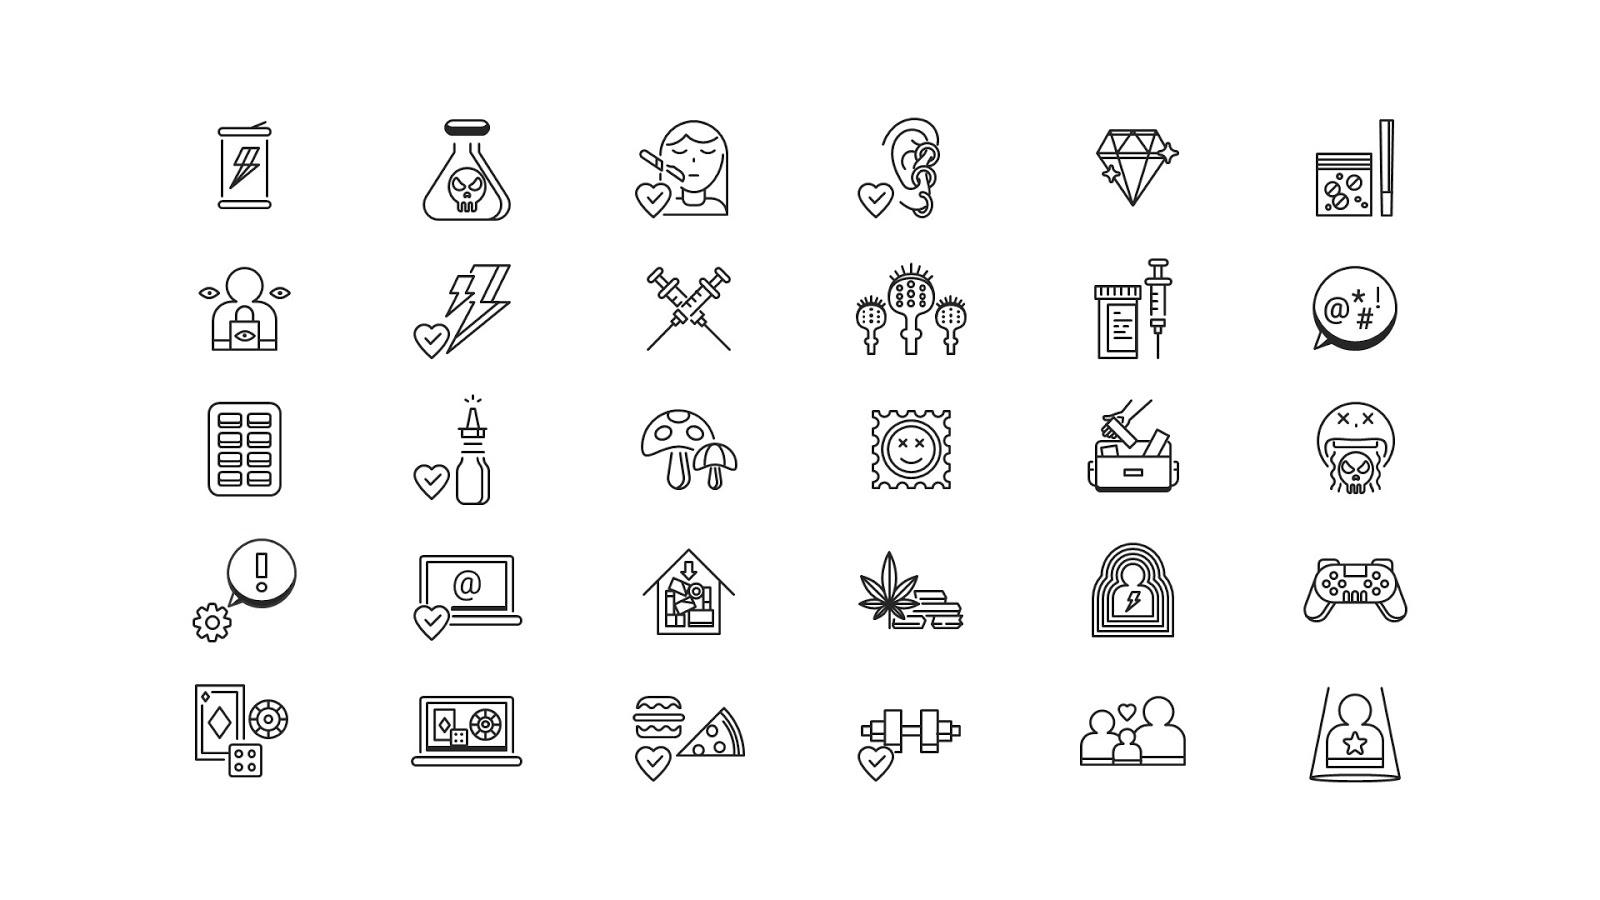 مجموعة أيقونات لتصميم عروض بوربوينت